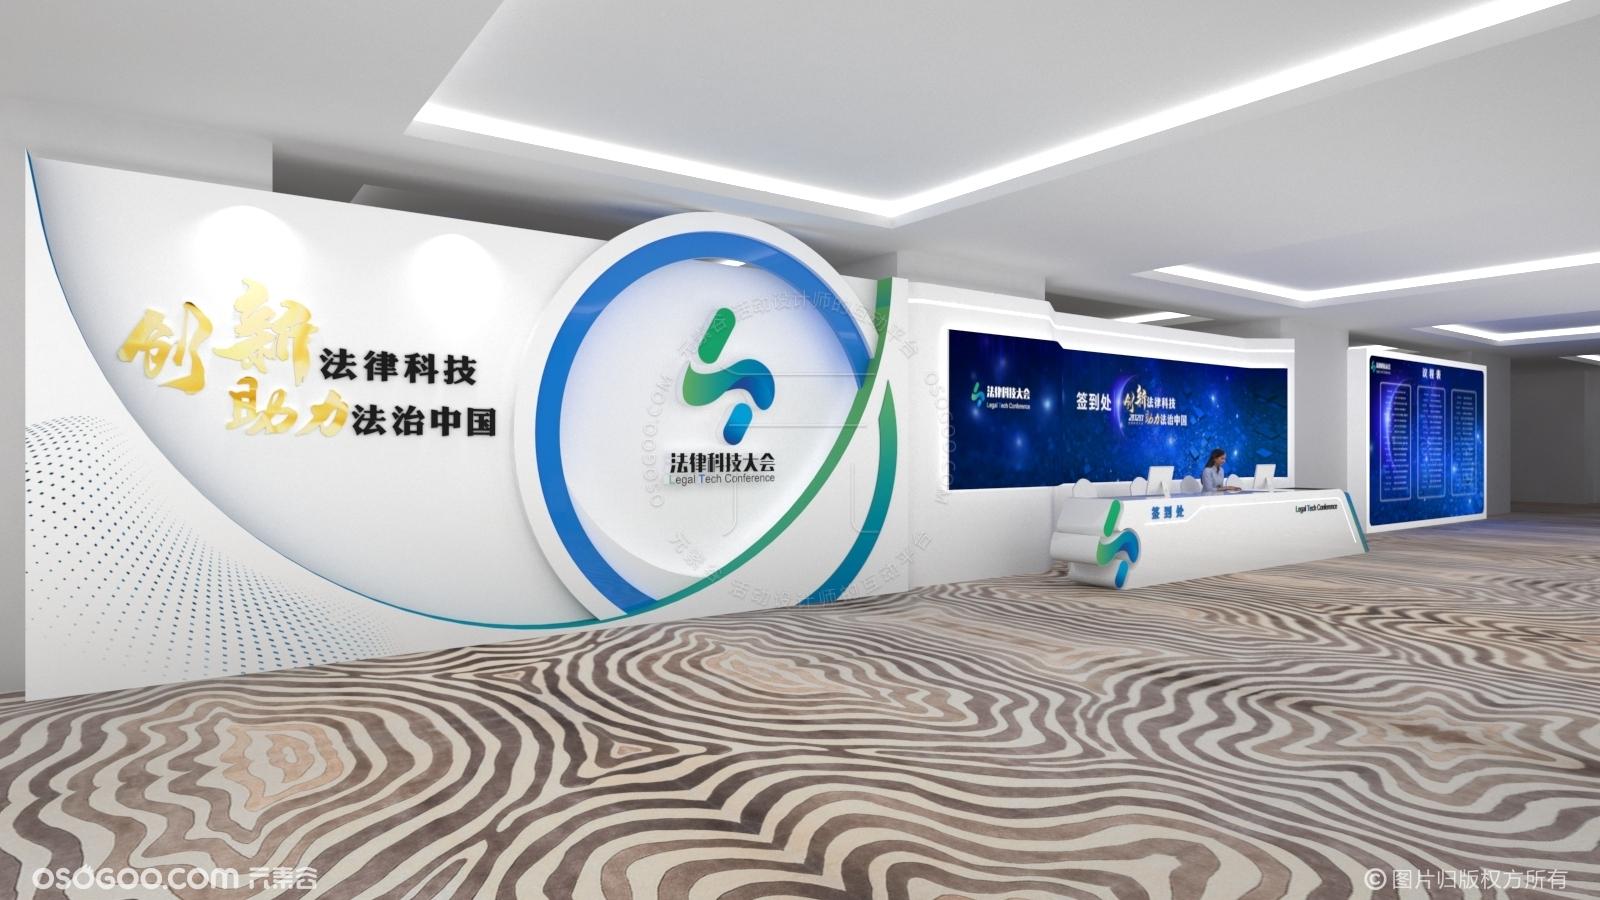 GG-法律科技大会